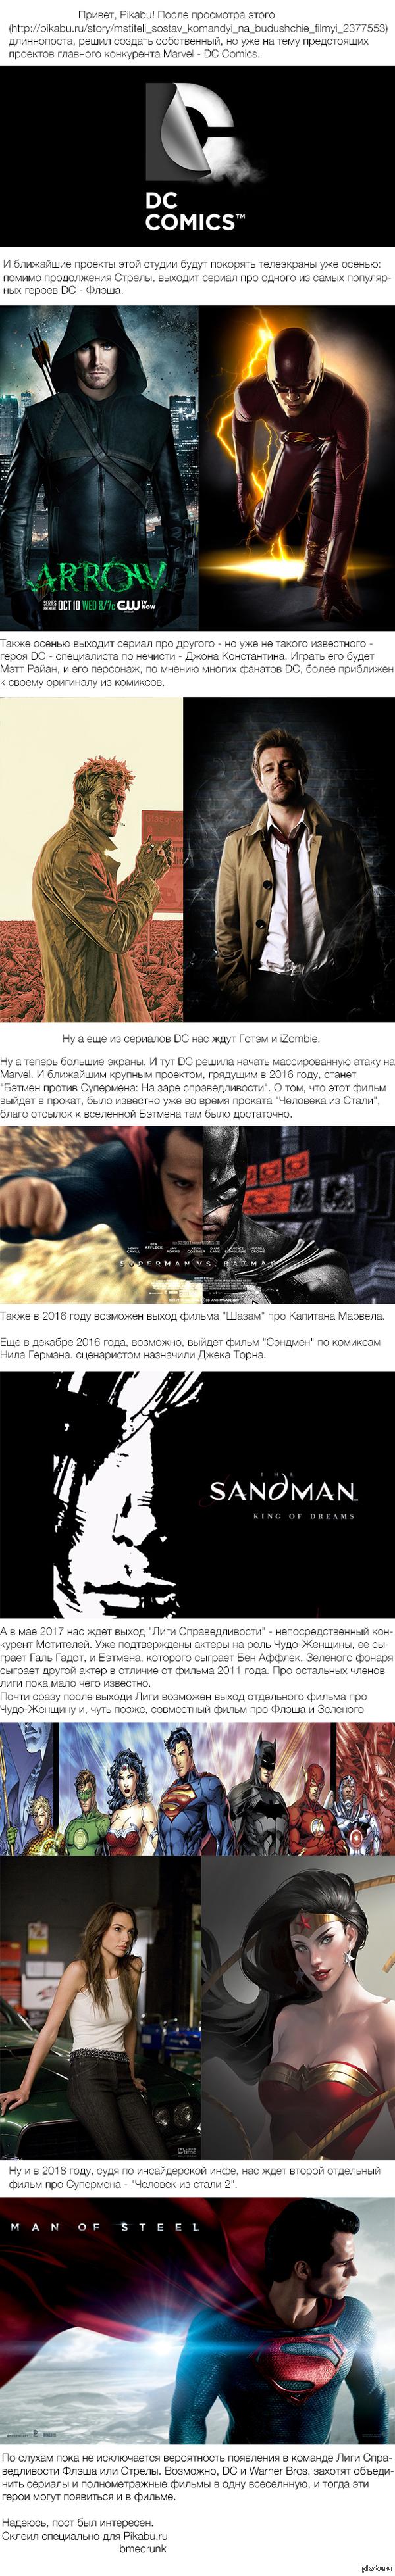 """Грядущие проекты DC-Comics. Навеяно постом (<a href=""""http://pikabu.ru/story/mstiteli_sostav_komandyi_na_budushchie_filmyi_2377553)."""">http://pikabu.ru/story/_2377553</a> Решил поделиться имеющейся инфой о новых фильмах/сериалах от DC."""